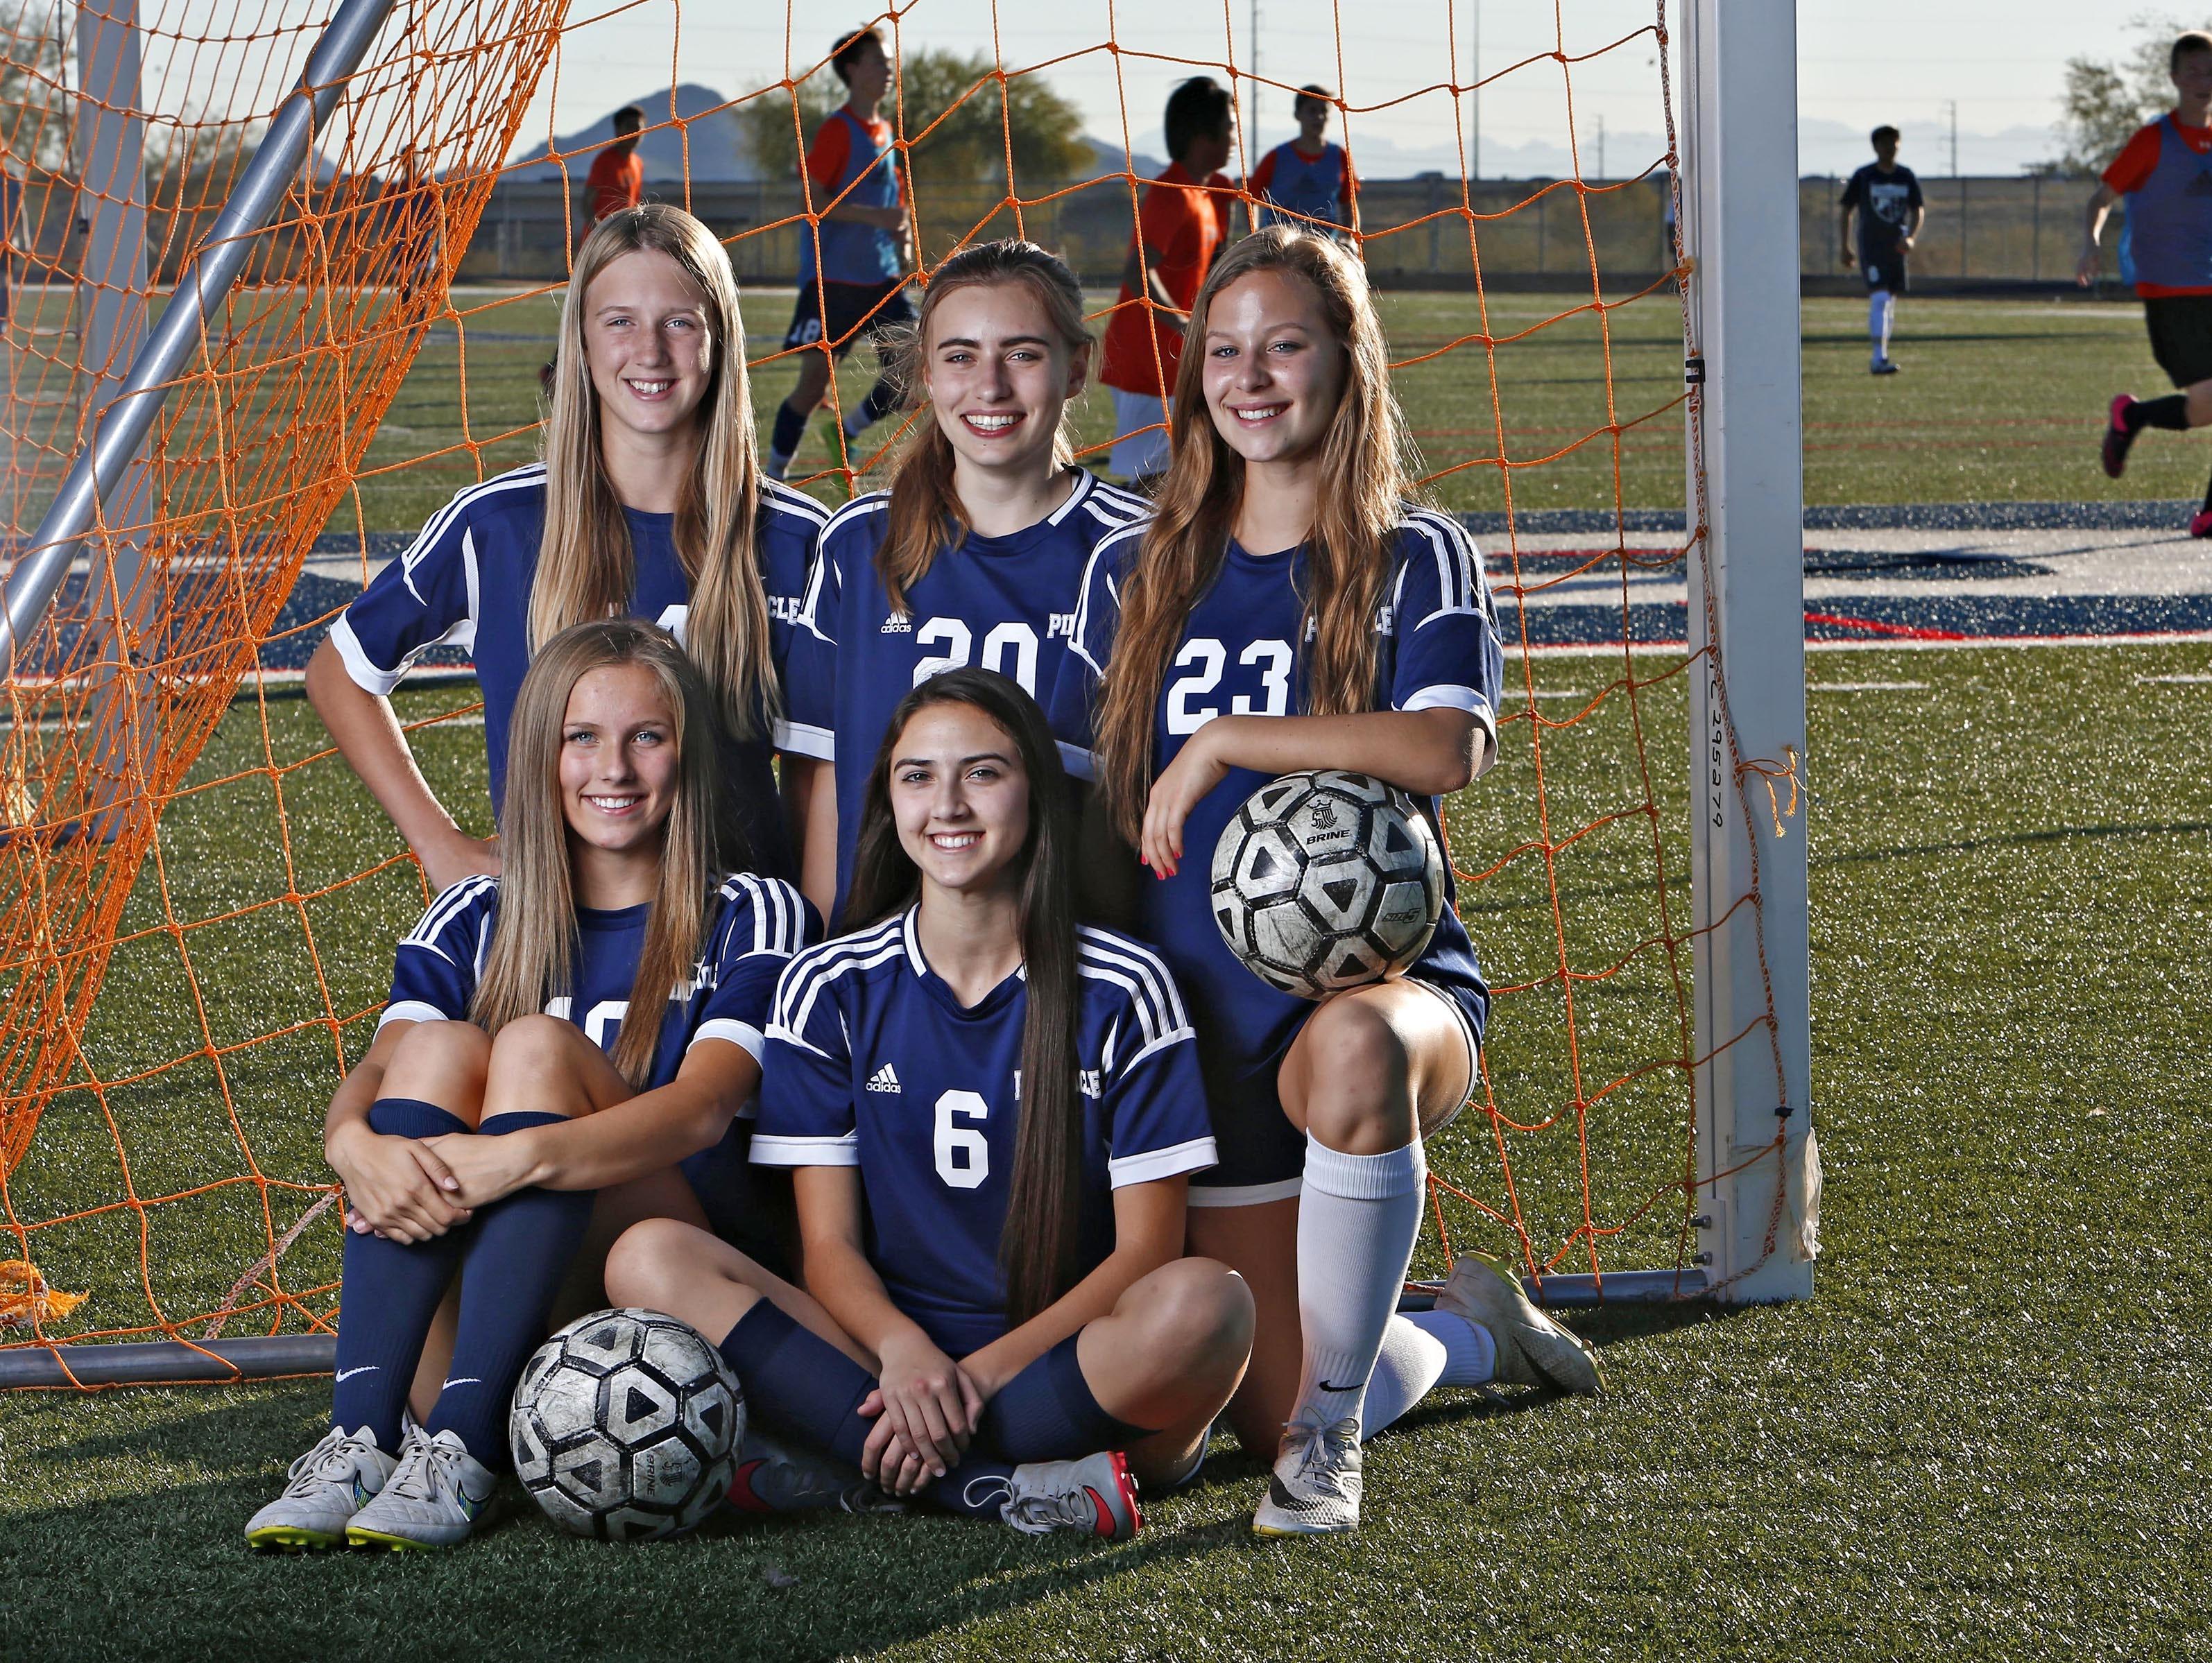 The Pinnacle girls soccer team has big aspirations again this season.